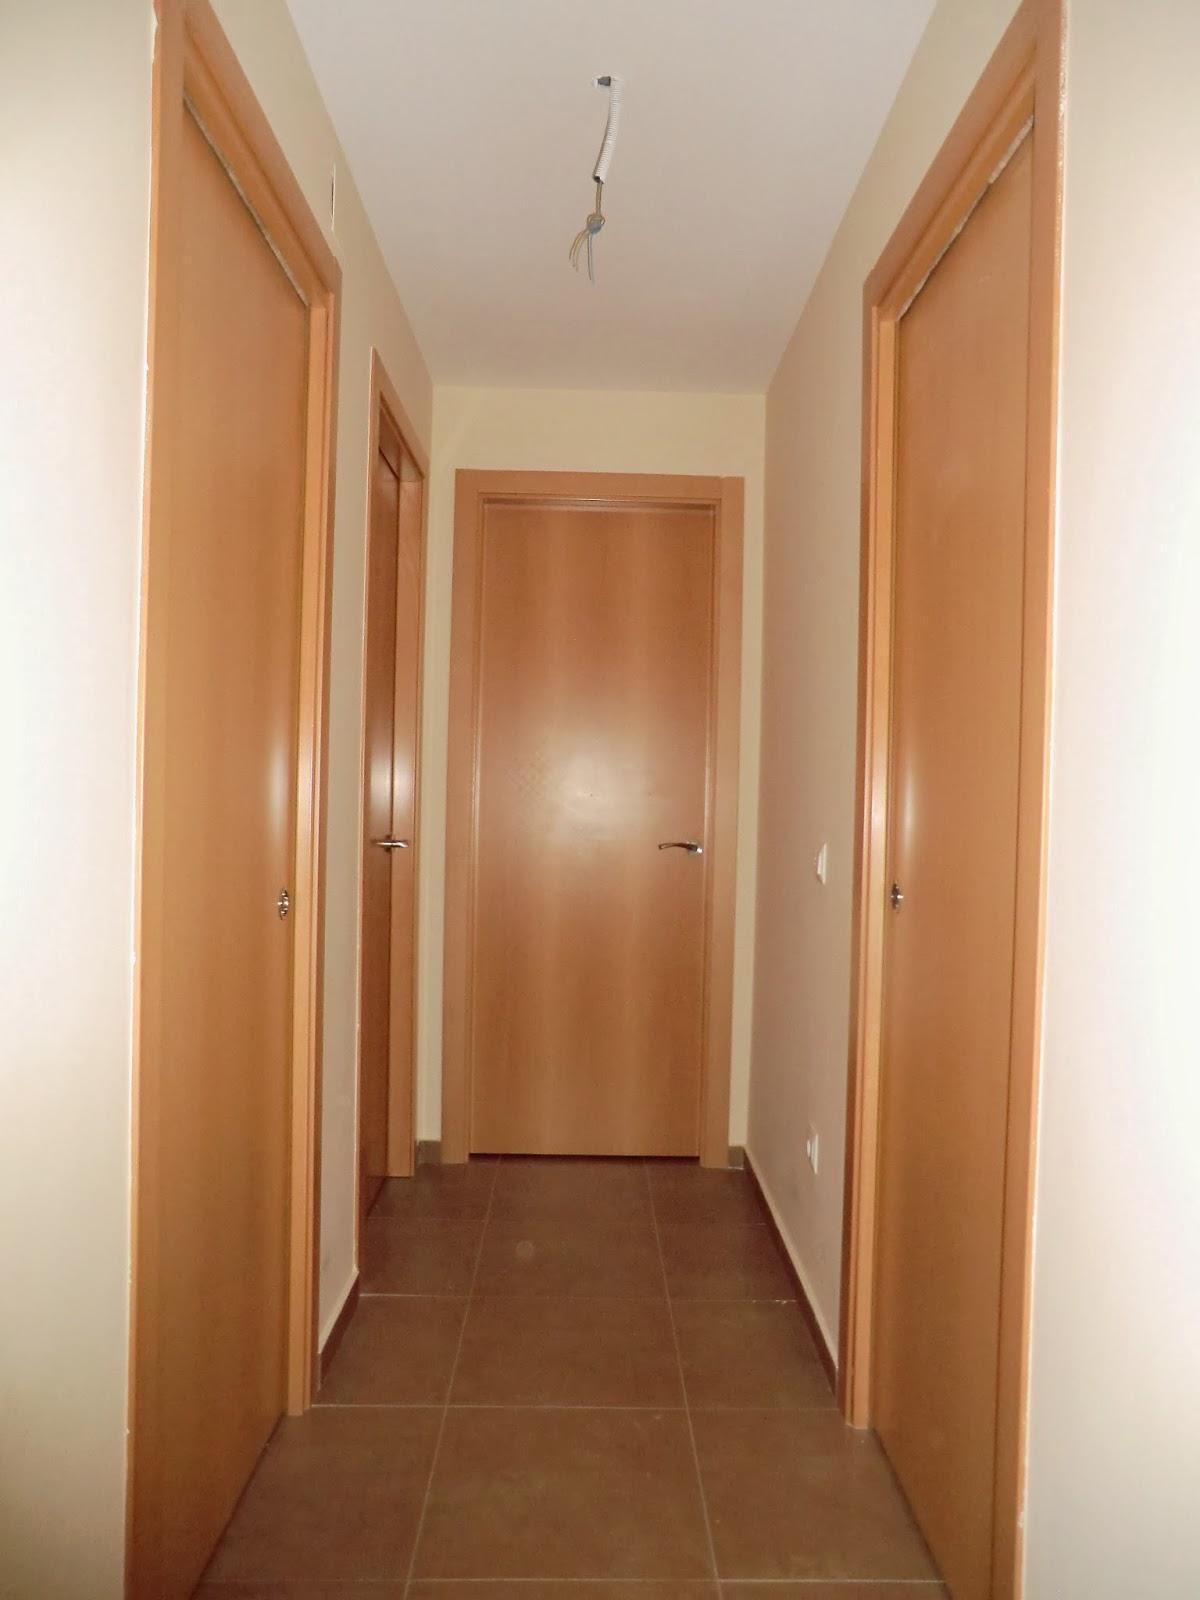 Kit oulet 2012 la mejor oferta en puertas en calidad y Precio puertas de paso